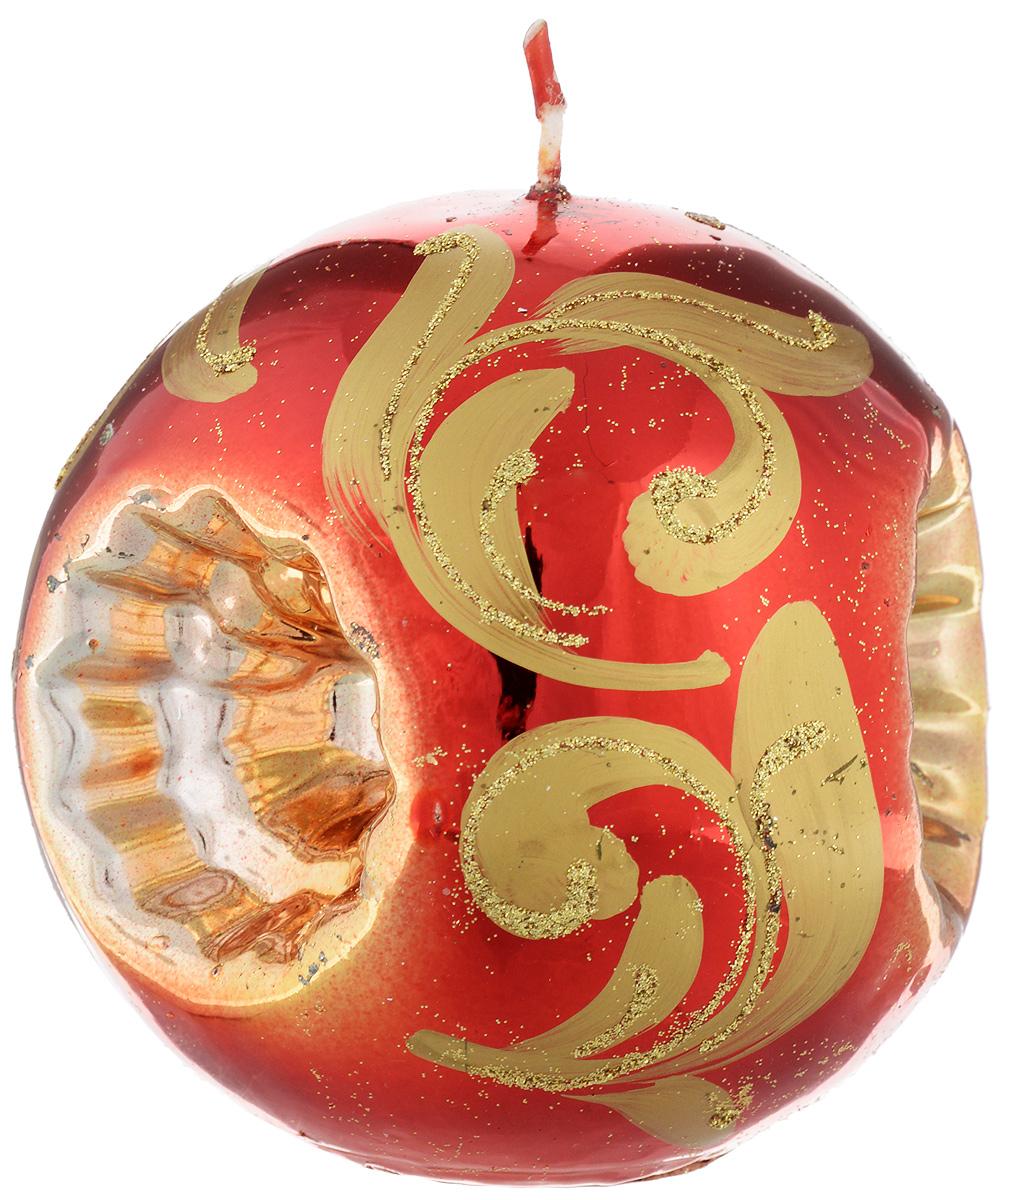 """Свеча-шар Fem """"Рефлектор"""" изготовлена из парафина и декорирована изящным узором с блестками. Такая свеча станет изысканным украшением интерьера. Она принесет в ваш дом волшебство и ощущение праздника."""